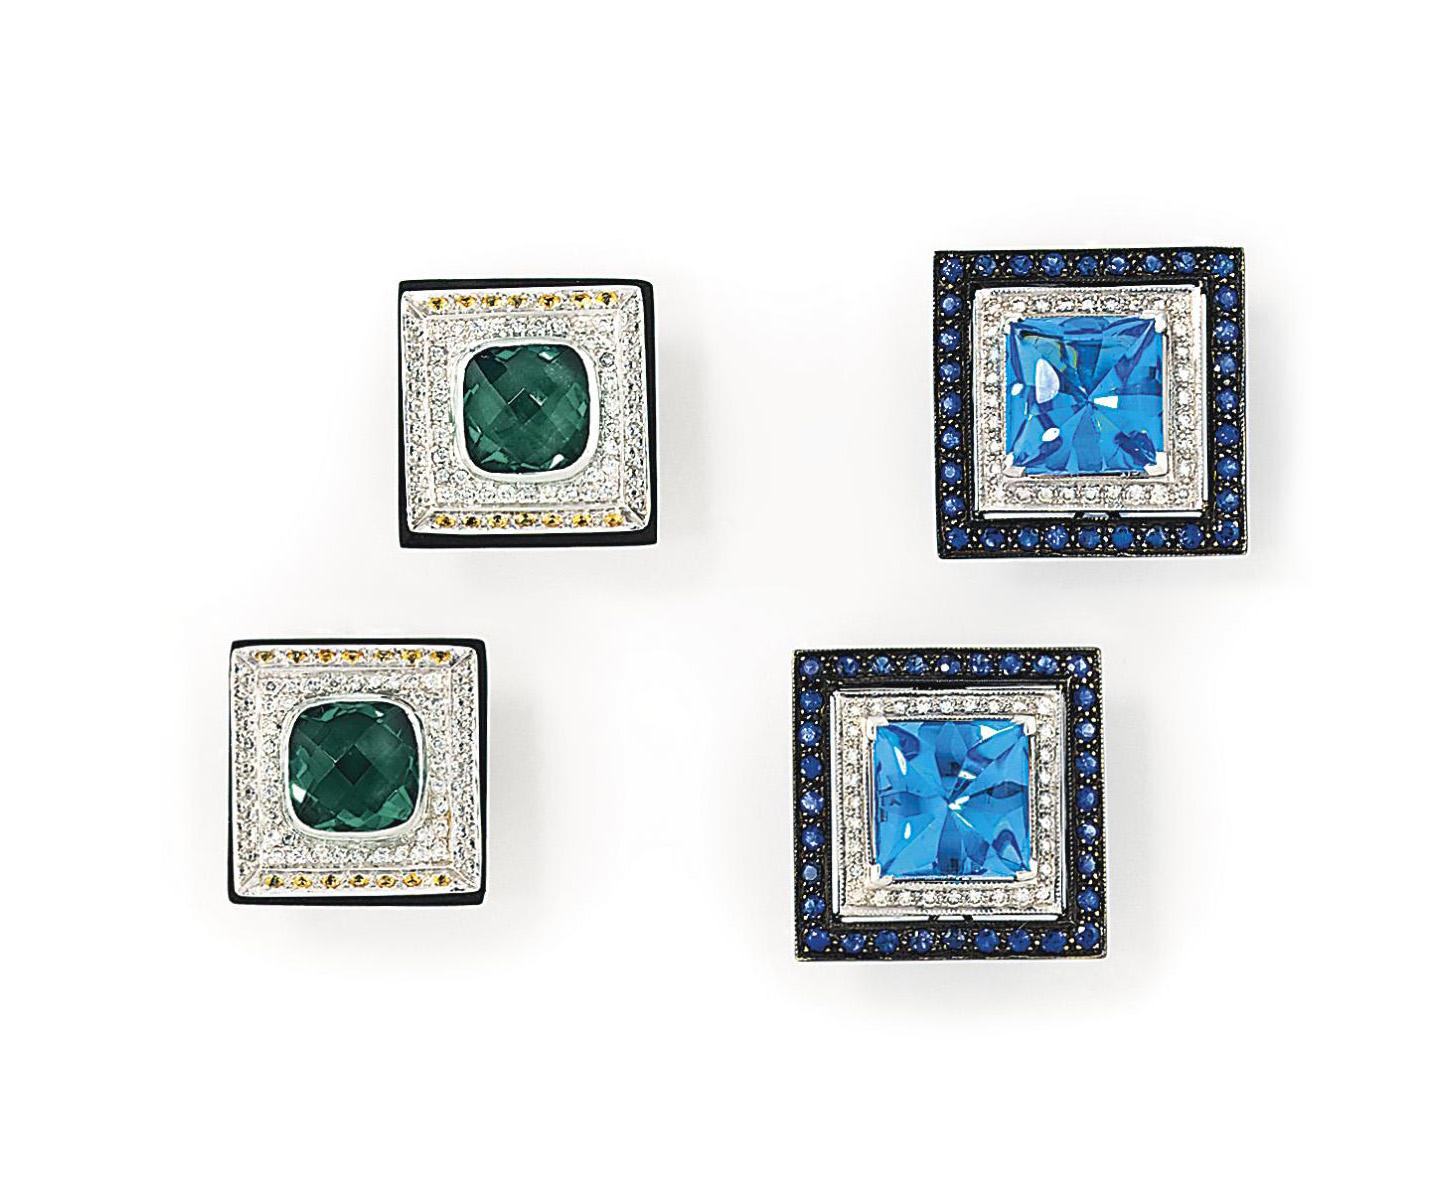 Two pairs of gem-set earrings